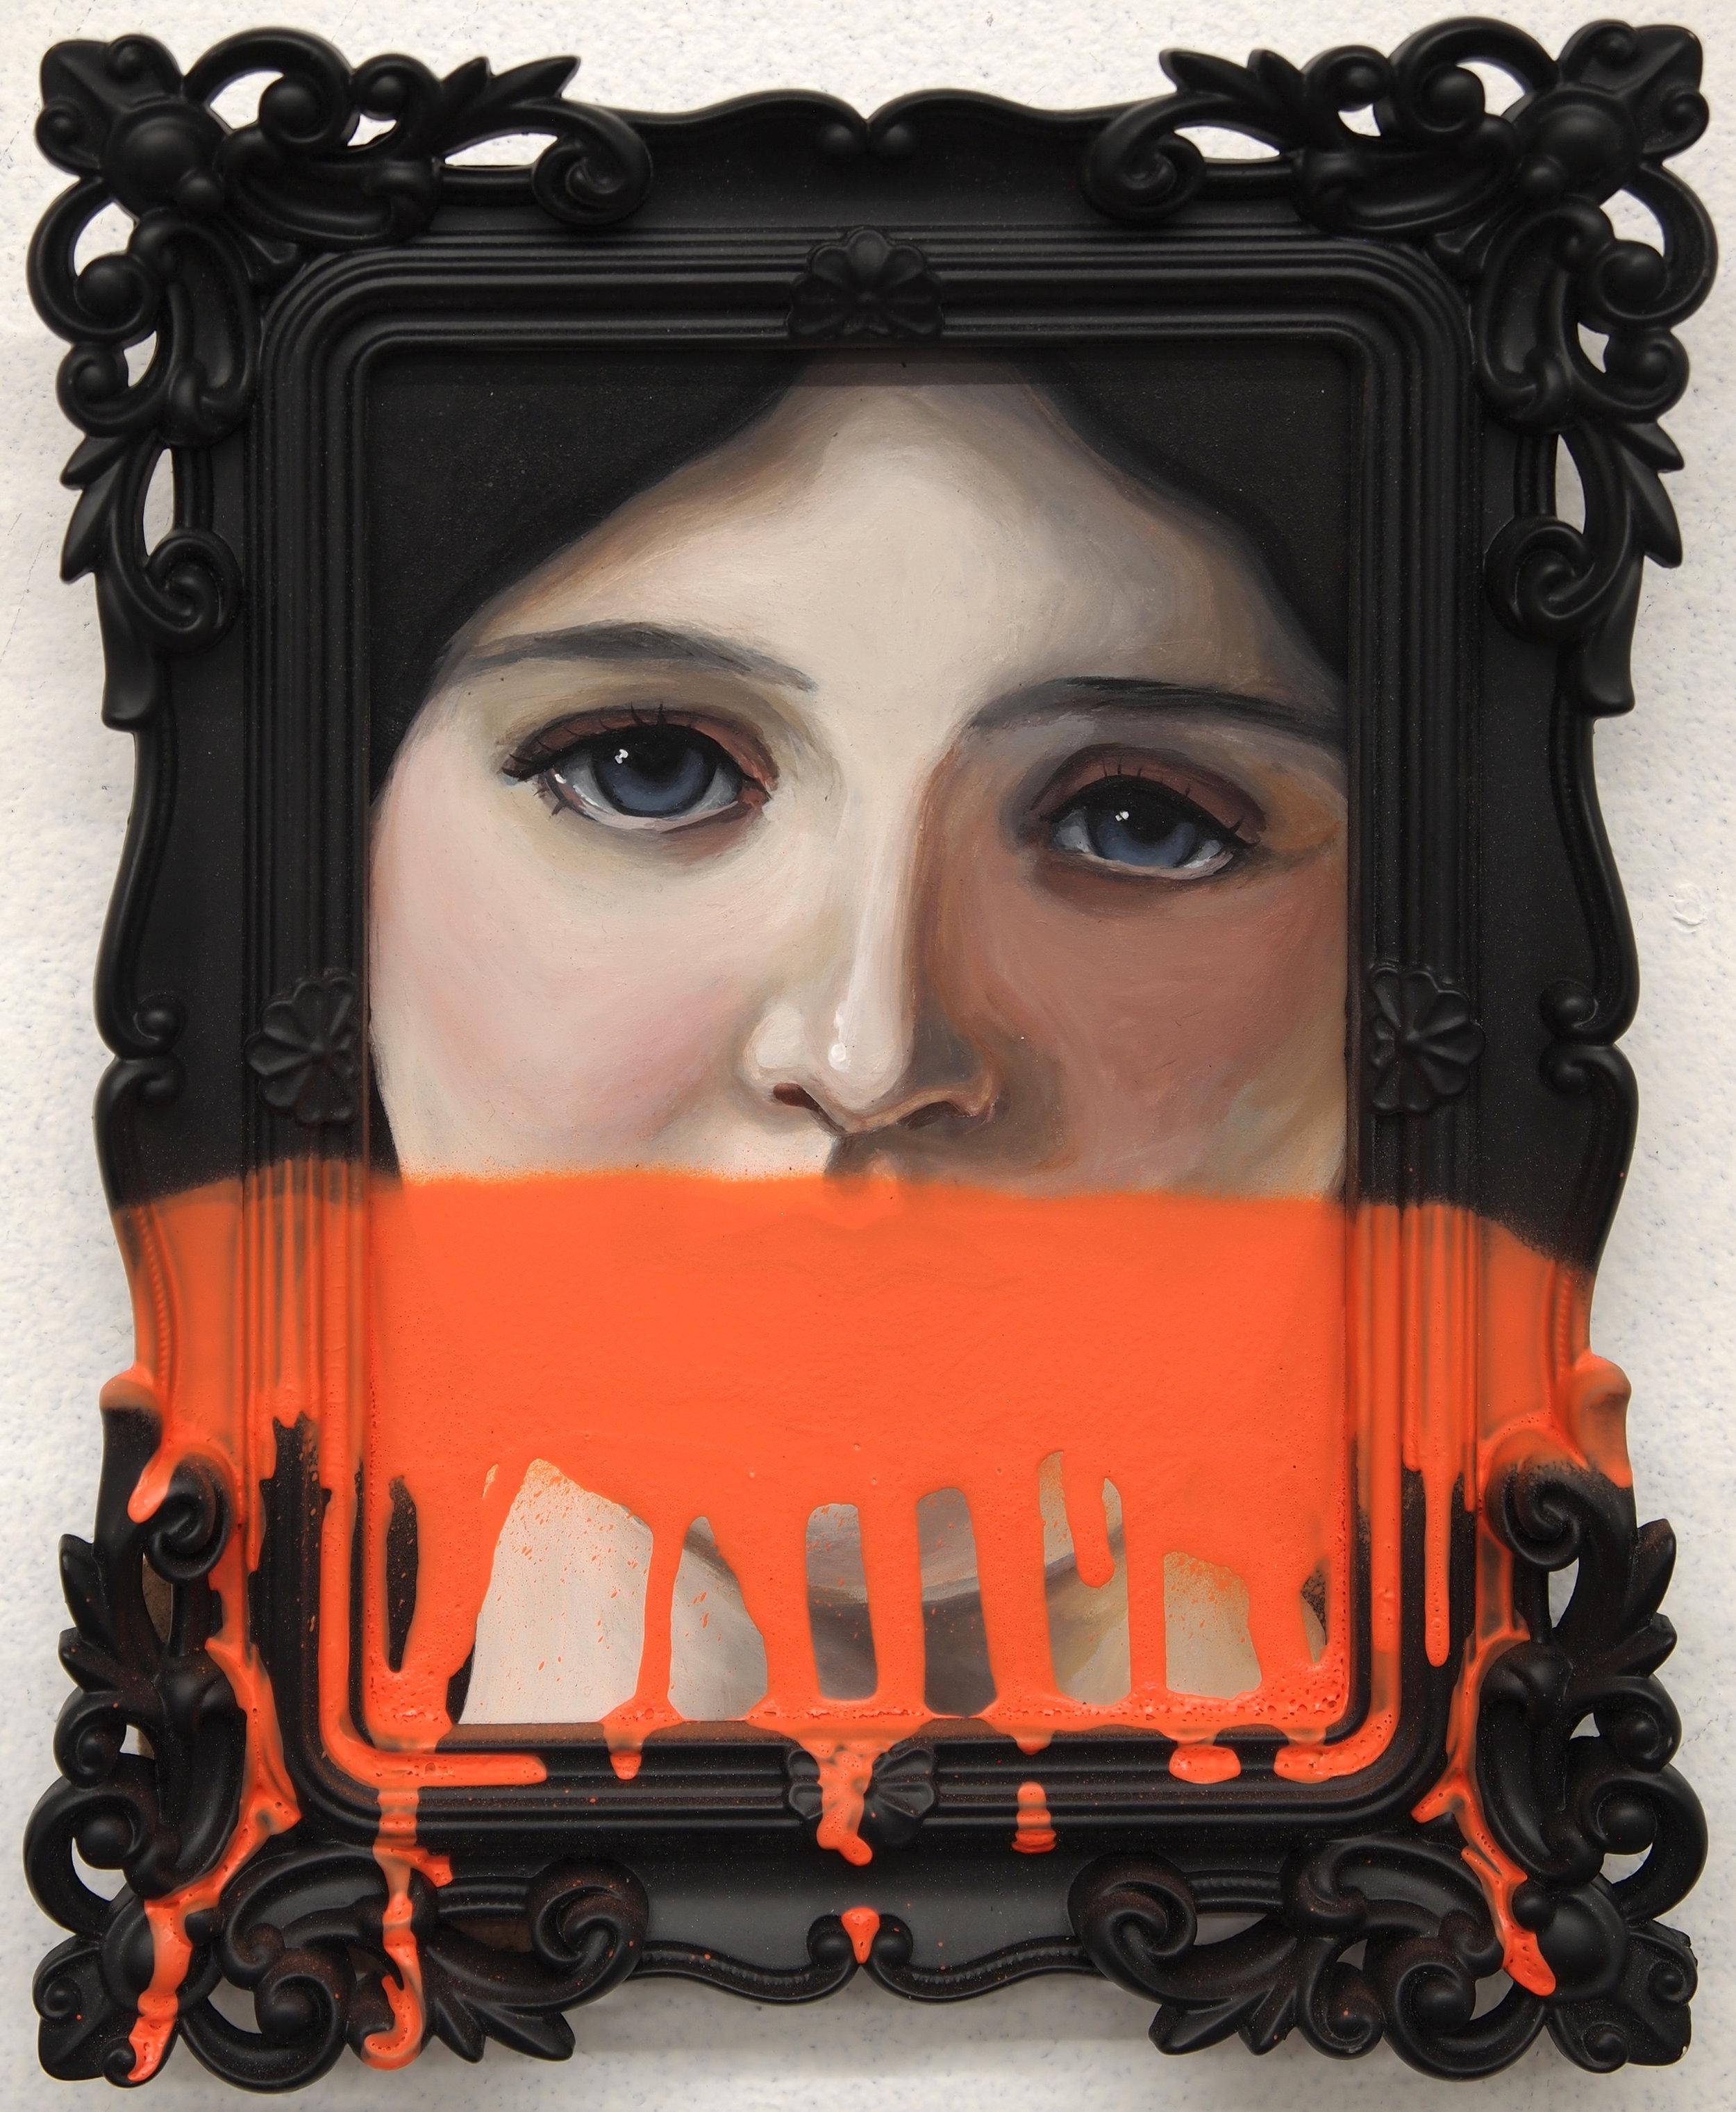 Taciturn. Acrylic and spray paint on frame.